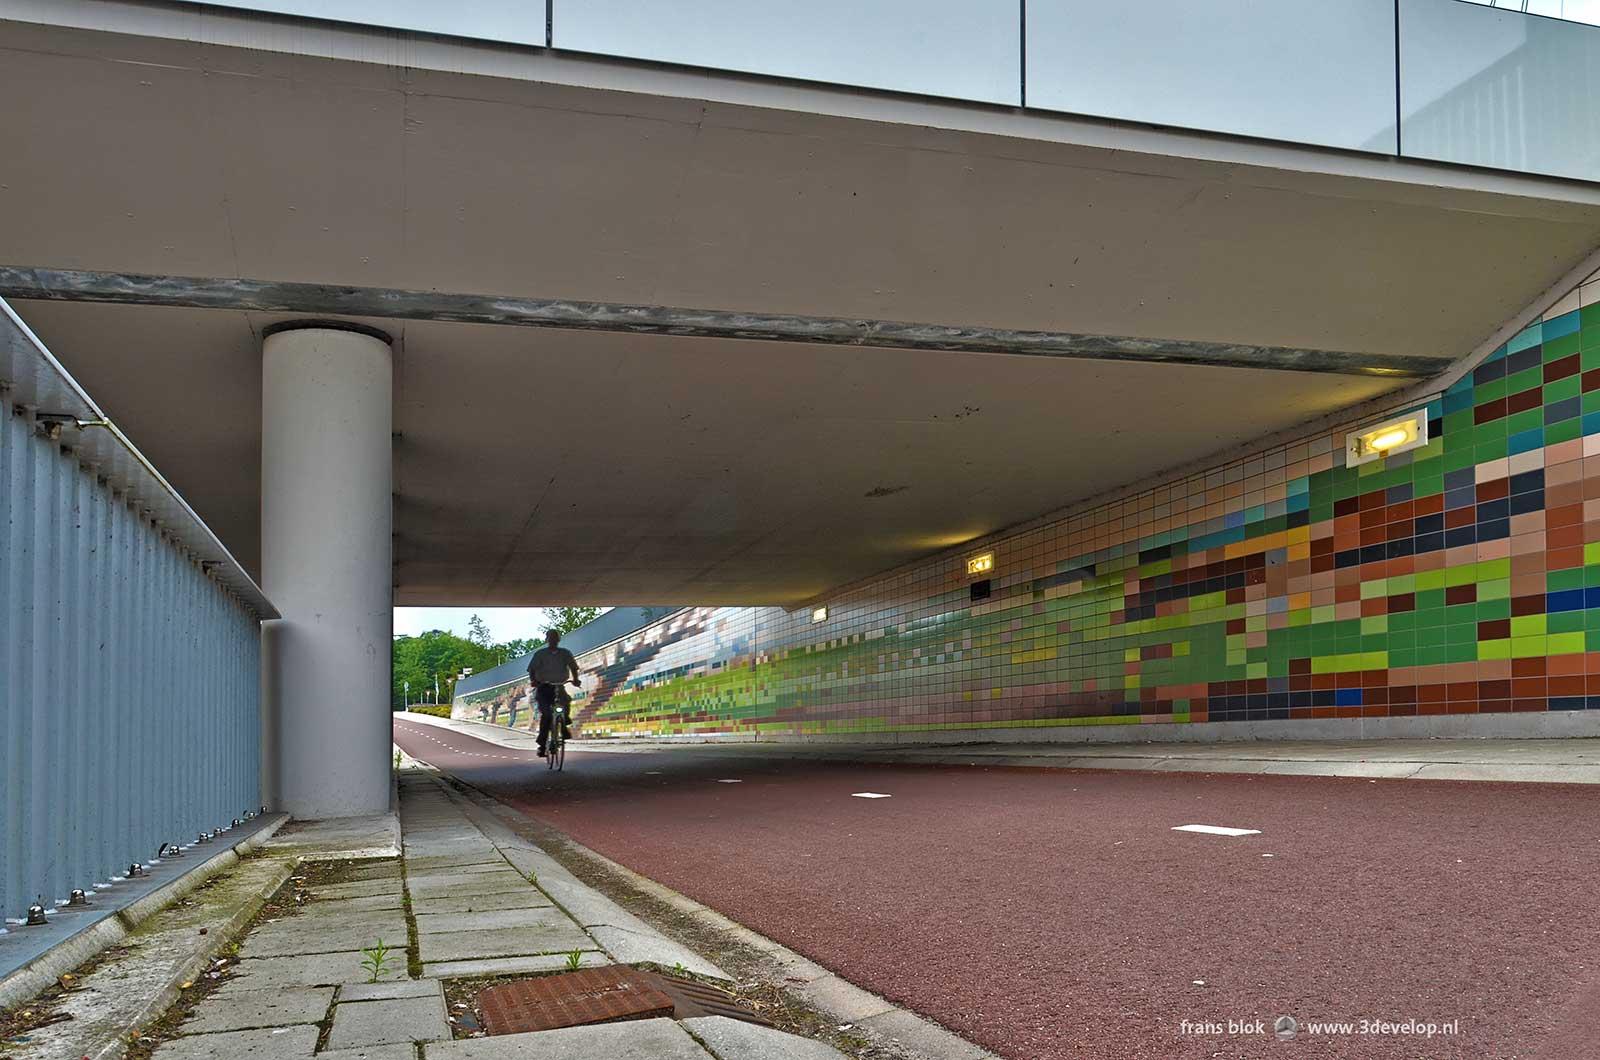 Van Kregtentunnel in Wierden: gedeelte voor fietsers en voetgangers, met zicht op een van de schilderijen van Fedor van Kregten, Meester van de Beesten, die gebruikt zijn als wandversiering